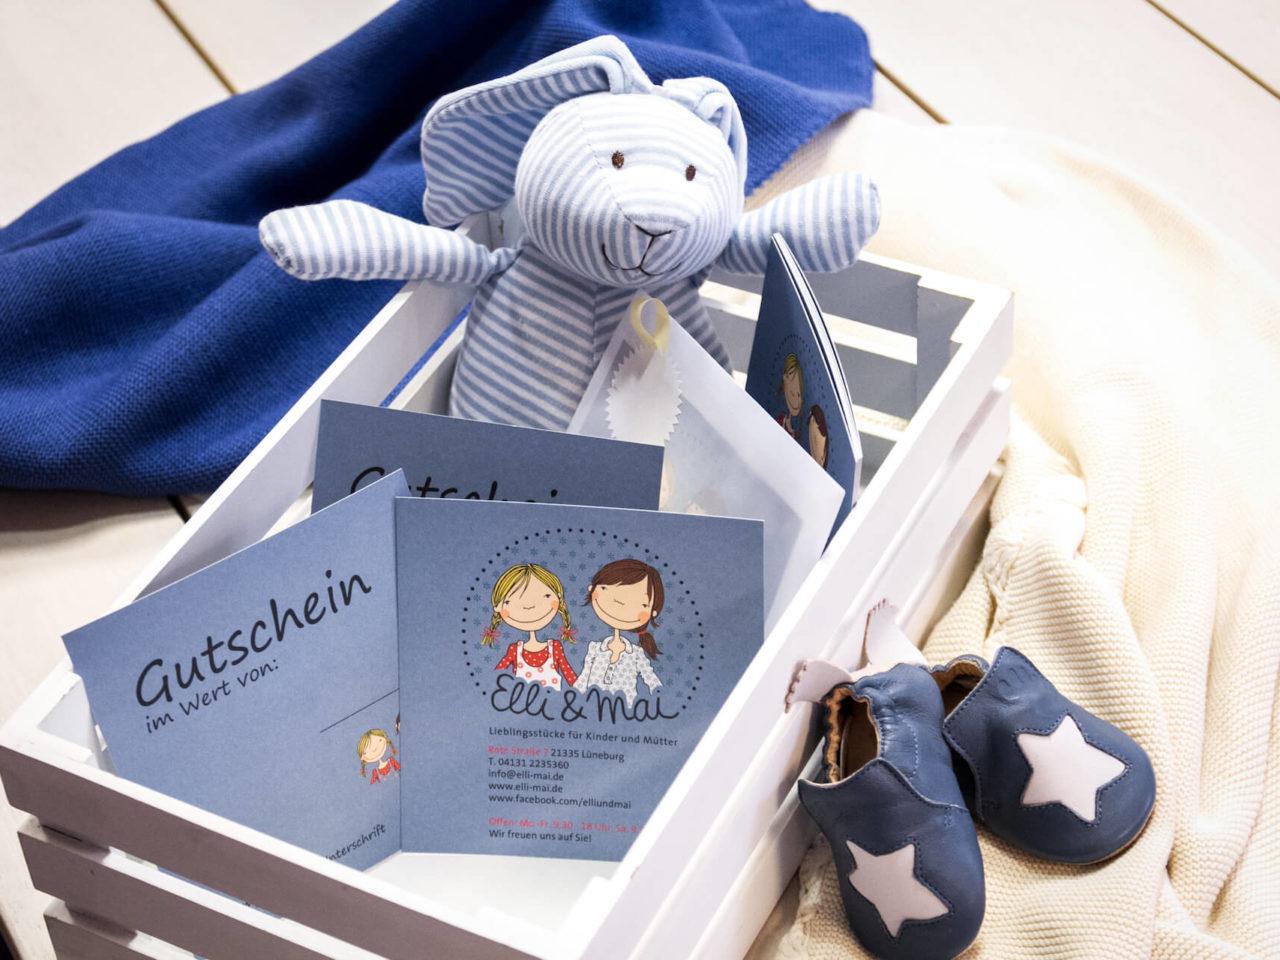 Wunderschöne Gutschein mit dem Elli & Mai Logo in einer Holzkiste mit einem Paar Babyschuchen und einem Kuscheltier